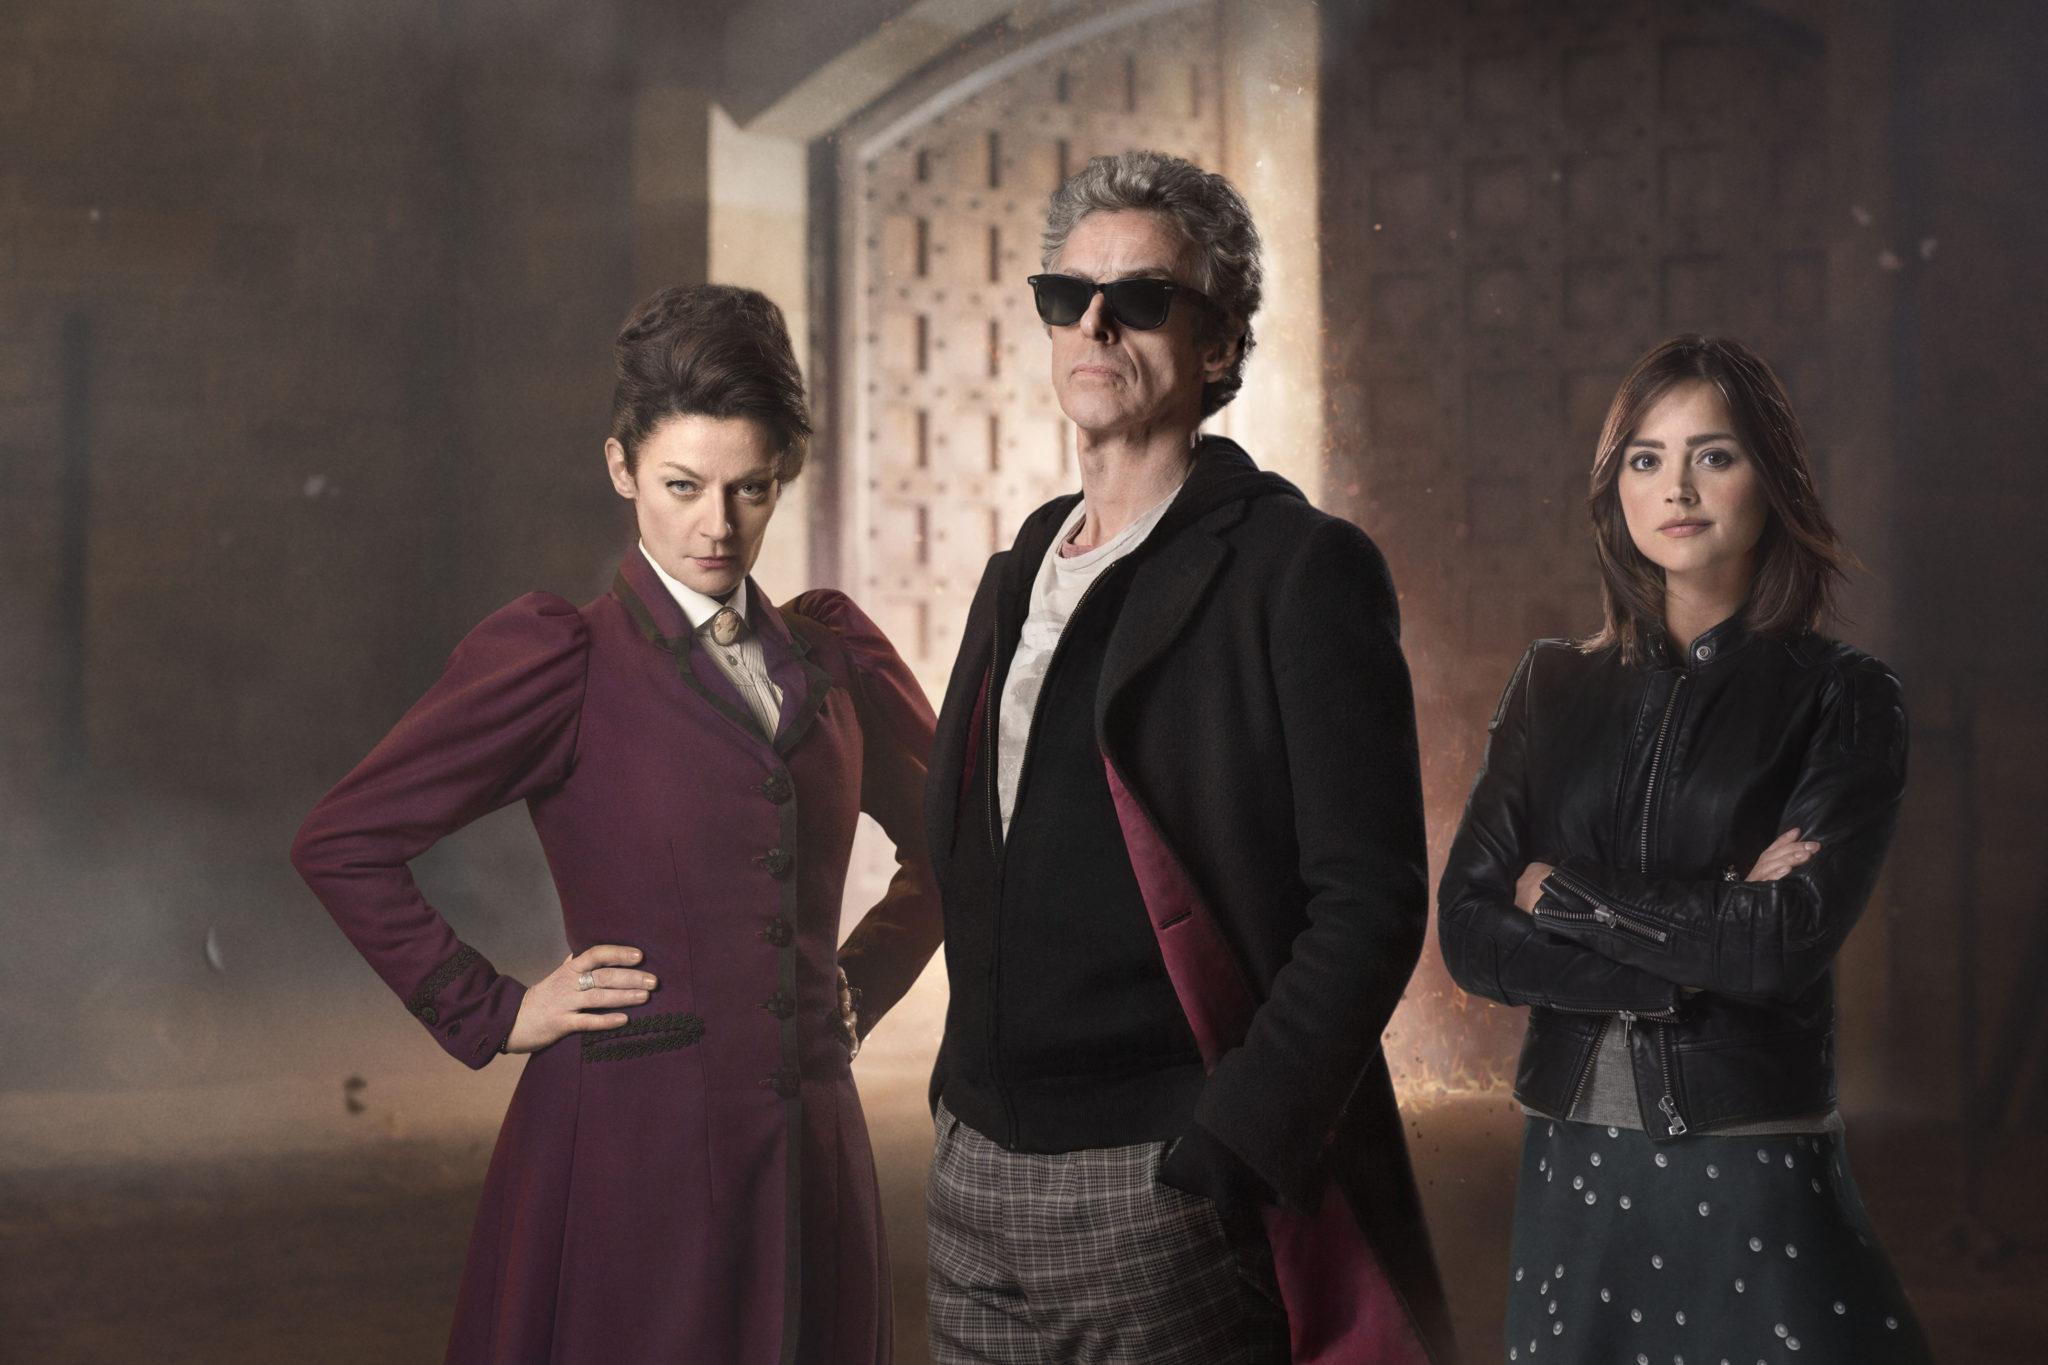 Der Doktor mit seinem ältesten Feind und seinem ältesten Verbündeten (Michelle Gomez als Missy, Peter Capaldi als der Dkctor und Jenna Coleman als Clara, Foto: Polyband/BBC)